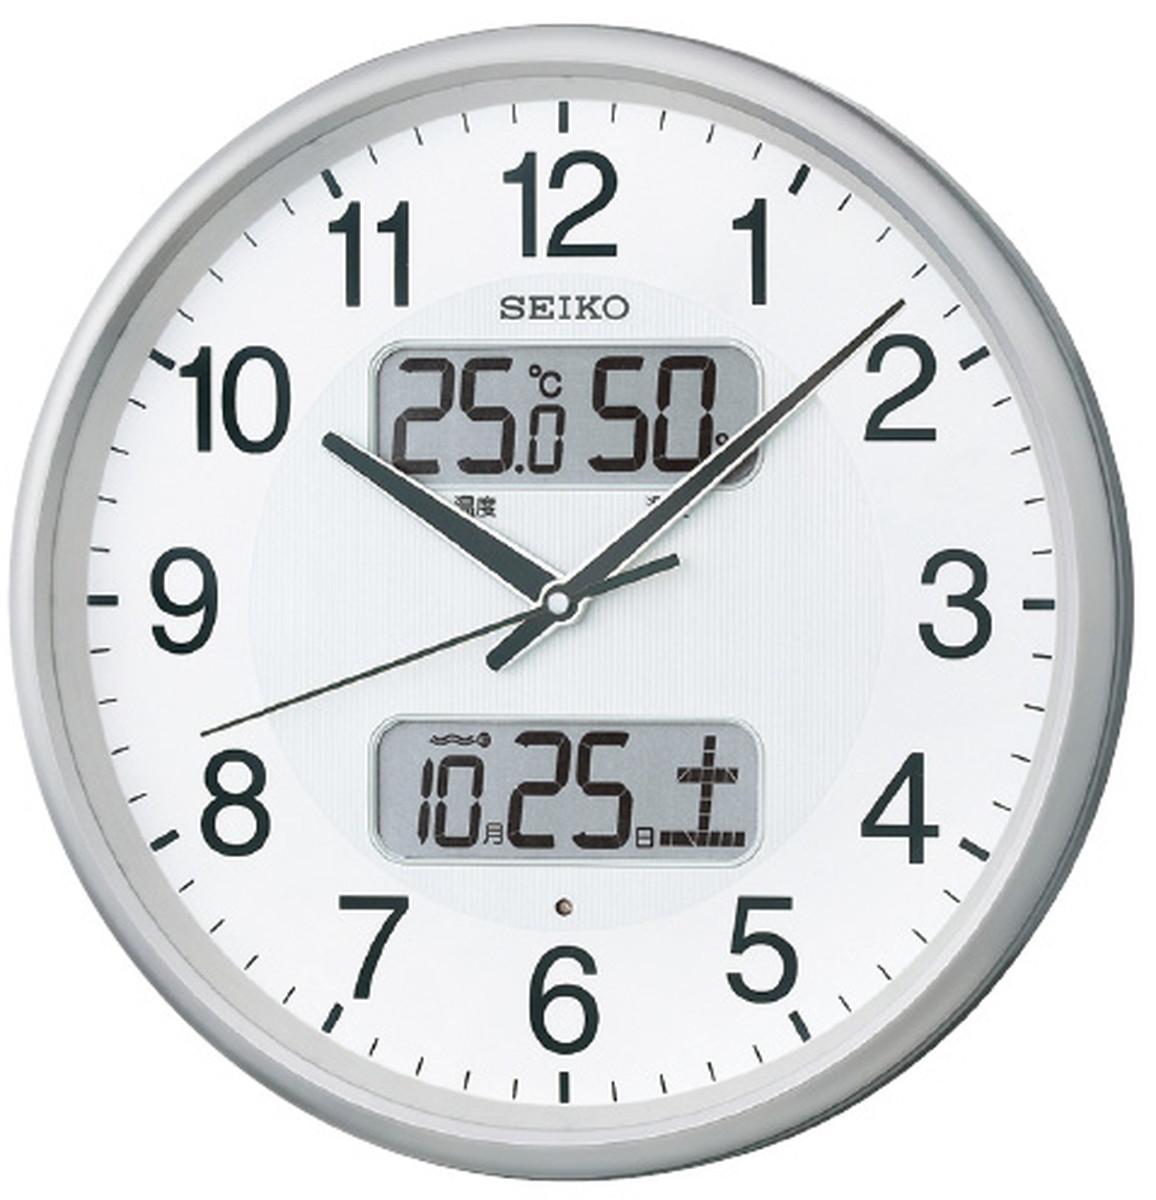 ★ポイント最大16倍★【全国配送可】-セイコー 電波アナログ掛時計 KX383S 品番 my24-4612-00---【MY医科器機】JAN 4517228035081